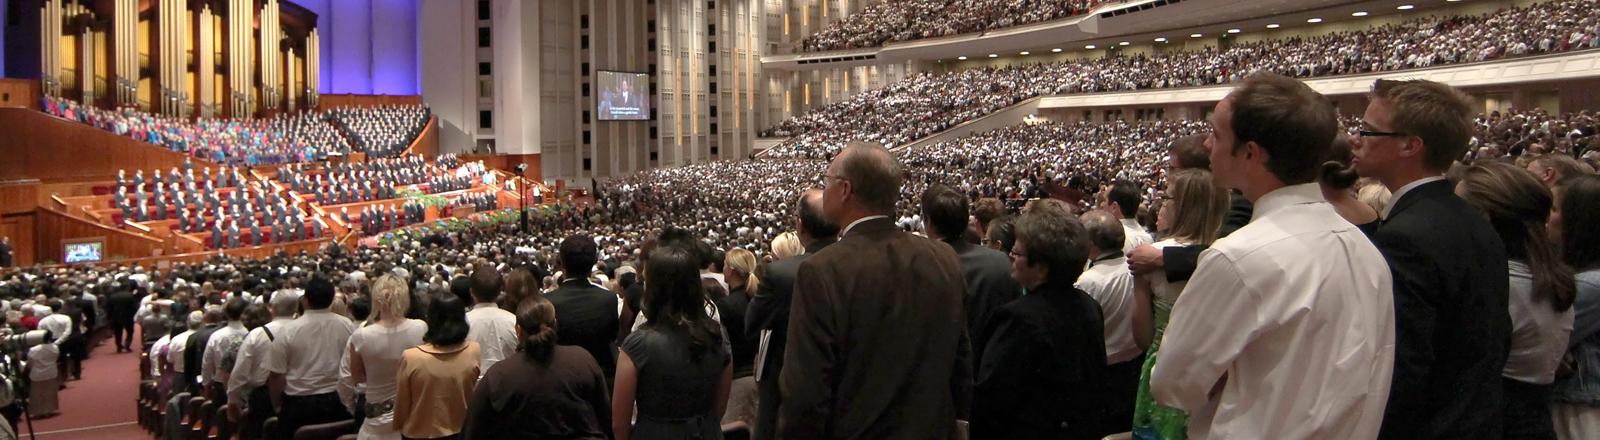 Am 03.10.2010 kommen etwa 20.000 Mormonen in Salt Lake City im Konferenzzentrum ihrer Kirche zusammen.